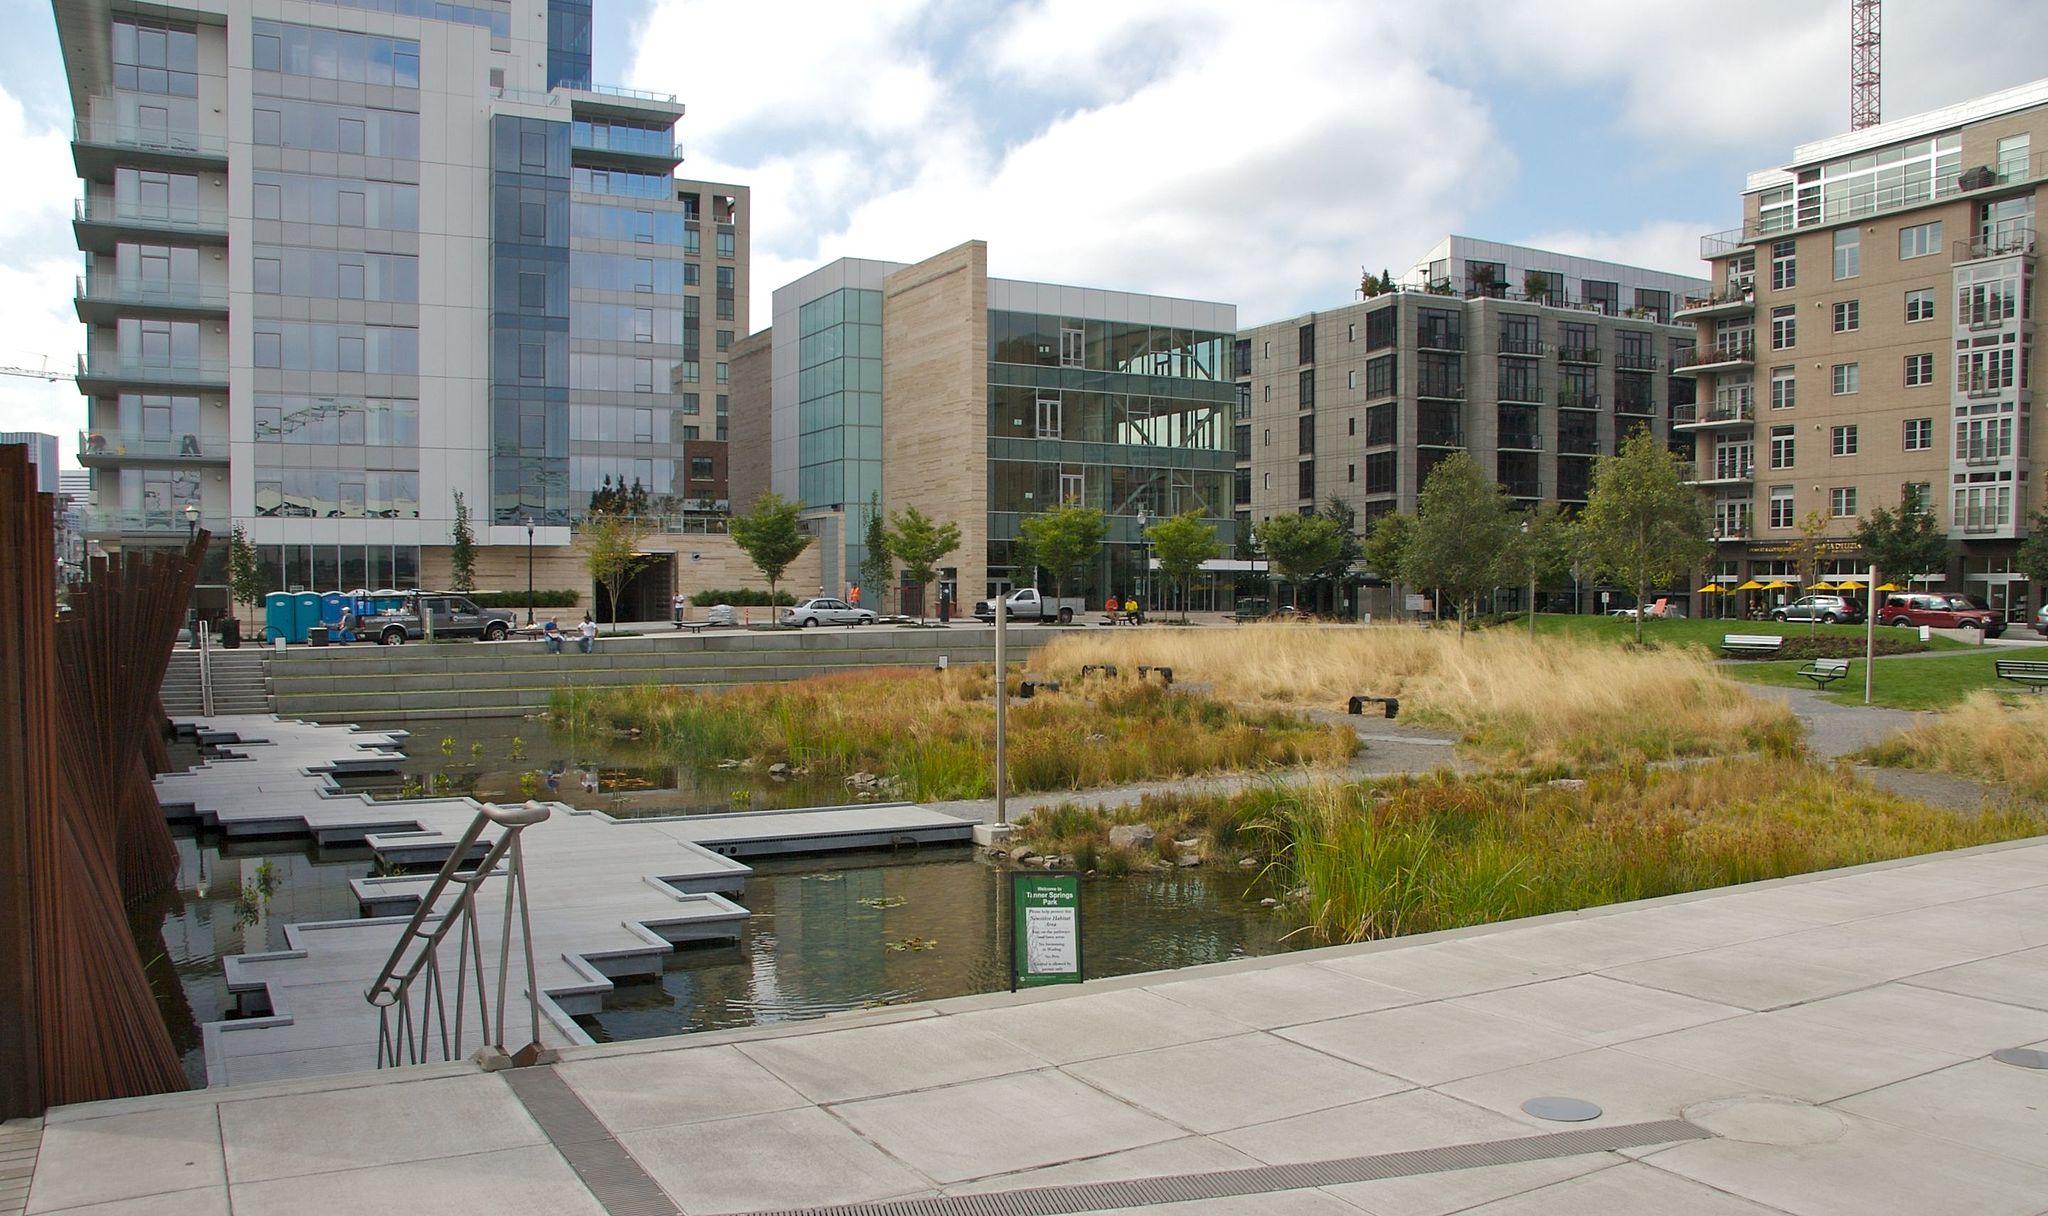 Urbane våtmarksområder og plantefelt kan bli viktige elementer i norske byer for å fordrøye og rense vann fra flommer og kraftige regnskyll fremover. Her fra Tanner Springs Park i Portland. Foto: Cord Rodefeld, Wikimedia Commons